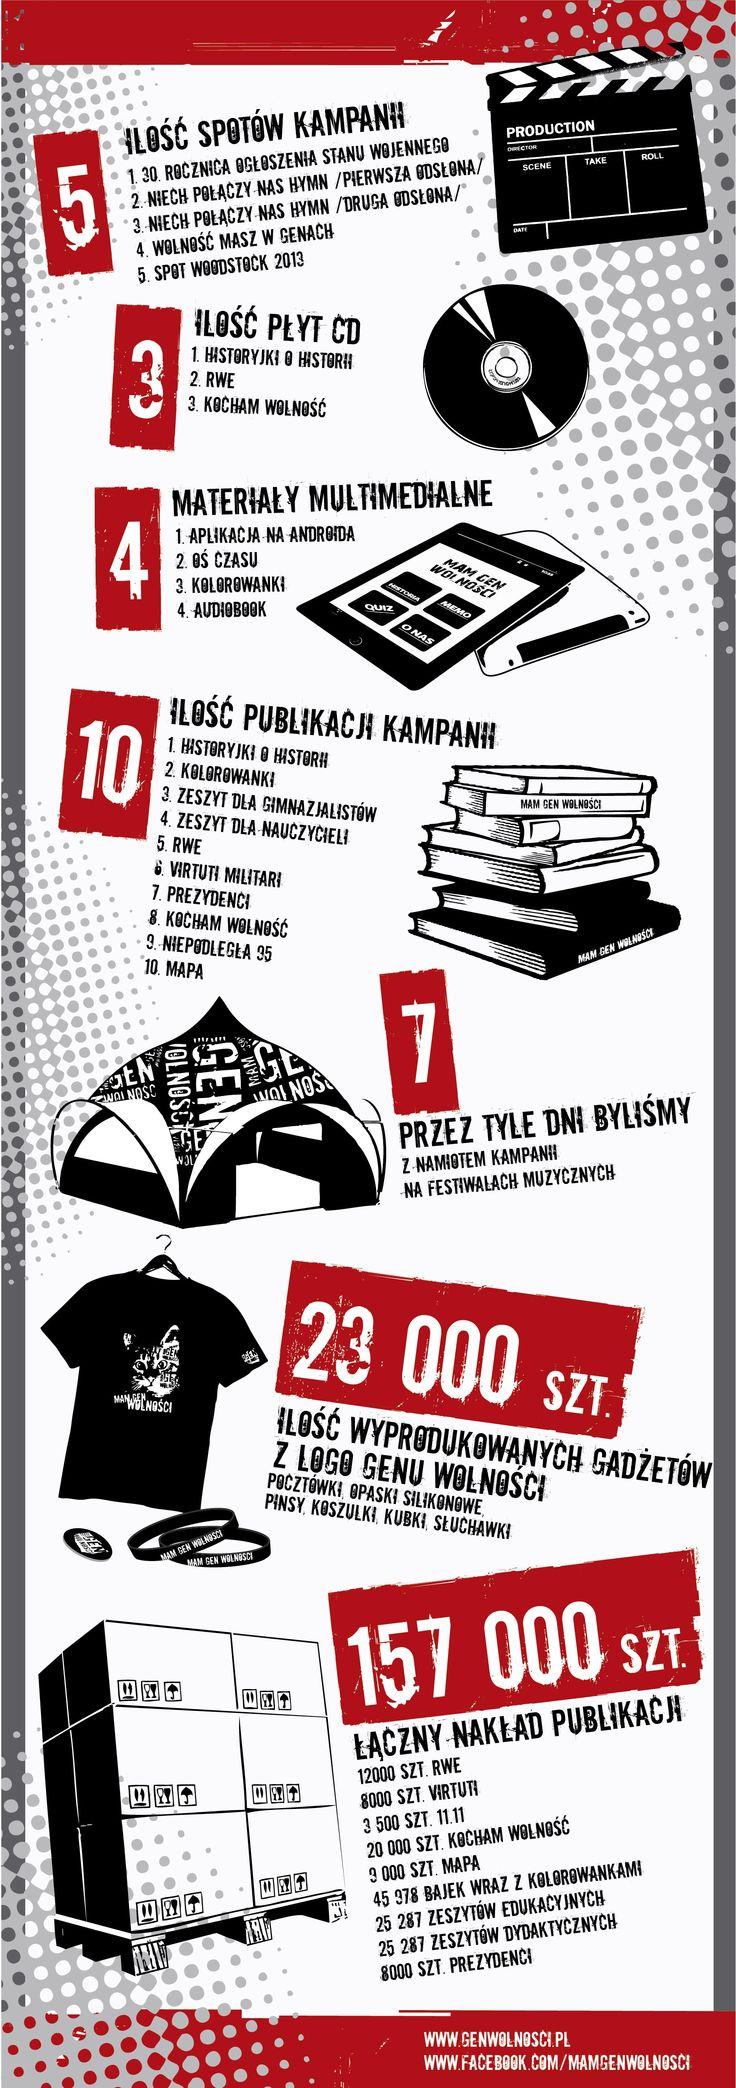 Kampania Mam Gen Wolności w liczbach. Realizacja: Studio Zakład, www.zaklad.pl